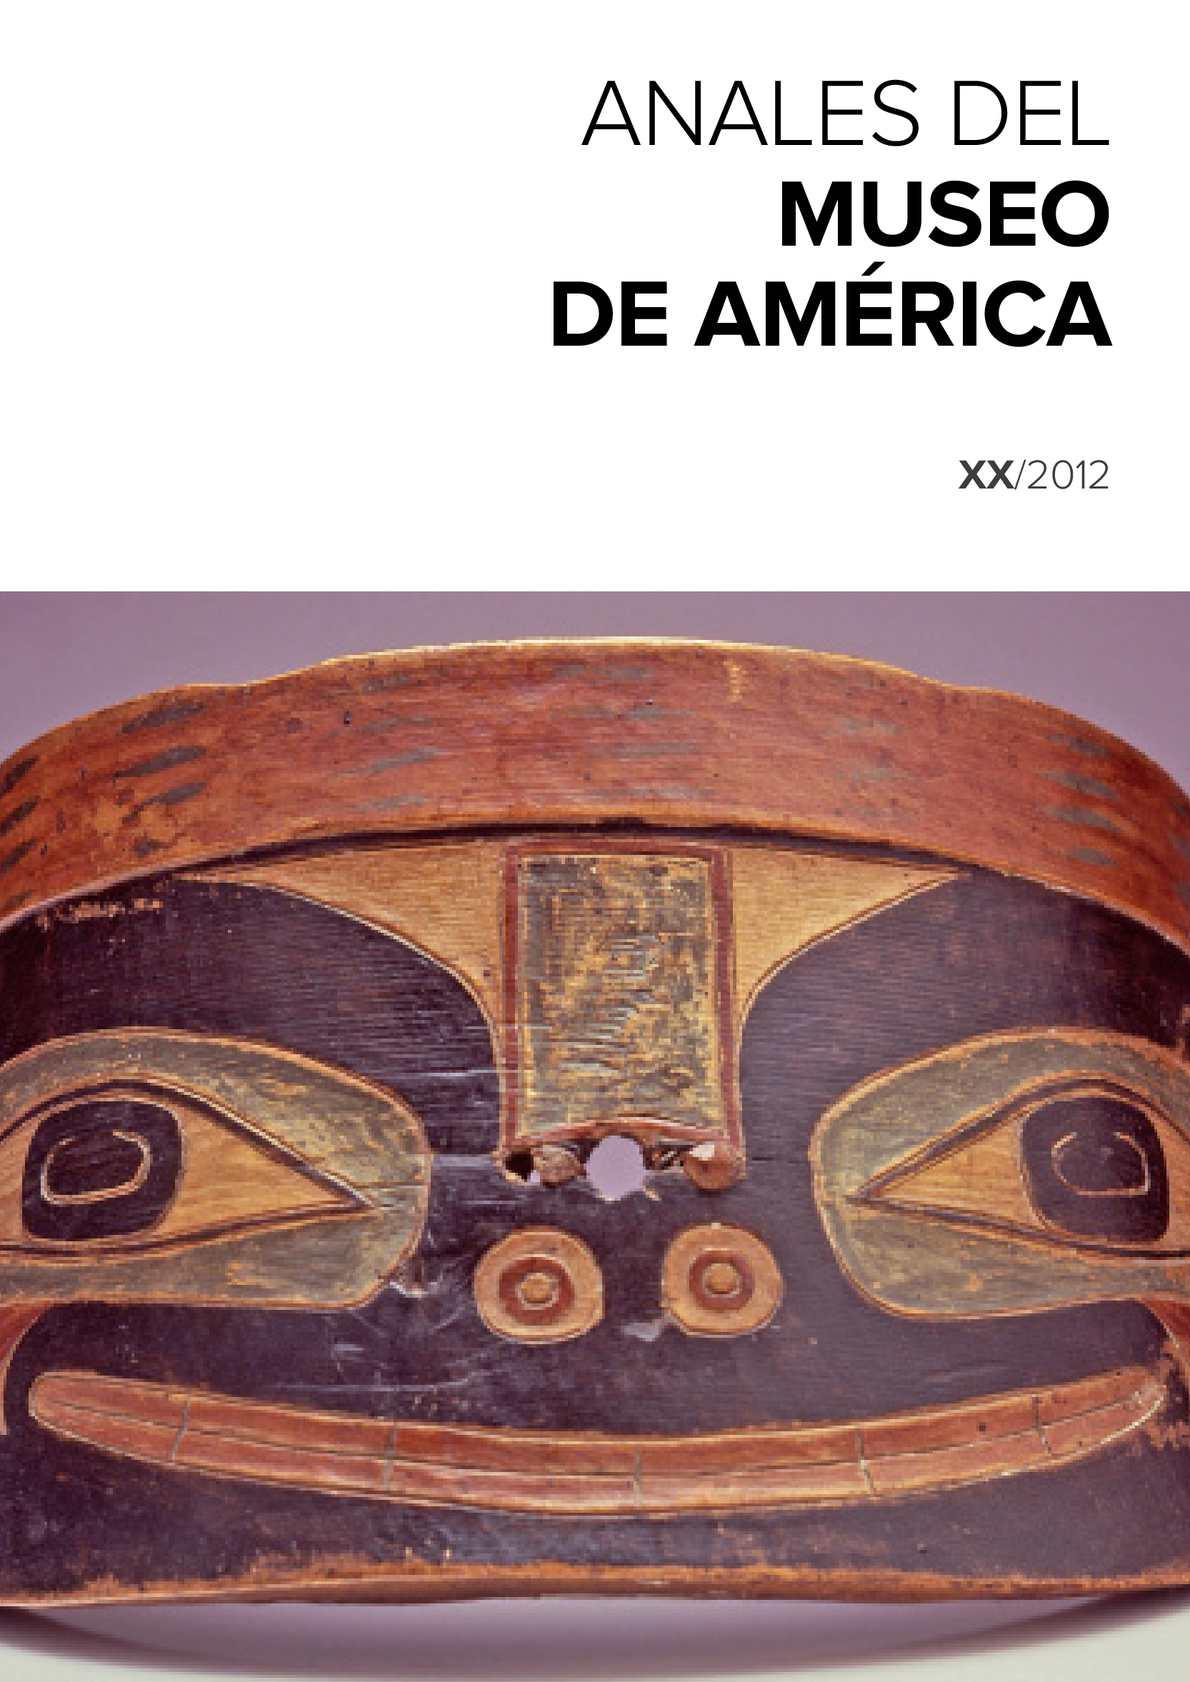 Calaméo - Anales del Museo de América XX 2012 1727f4a627d